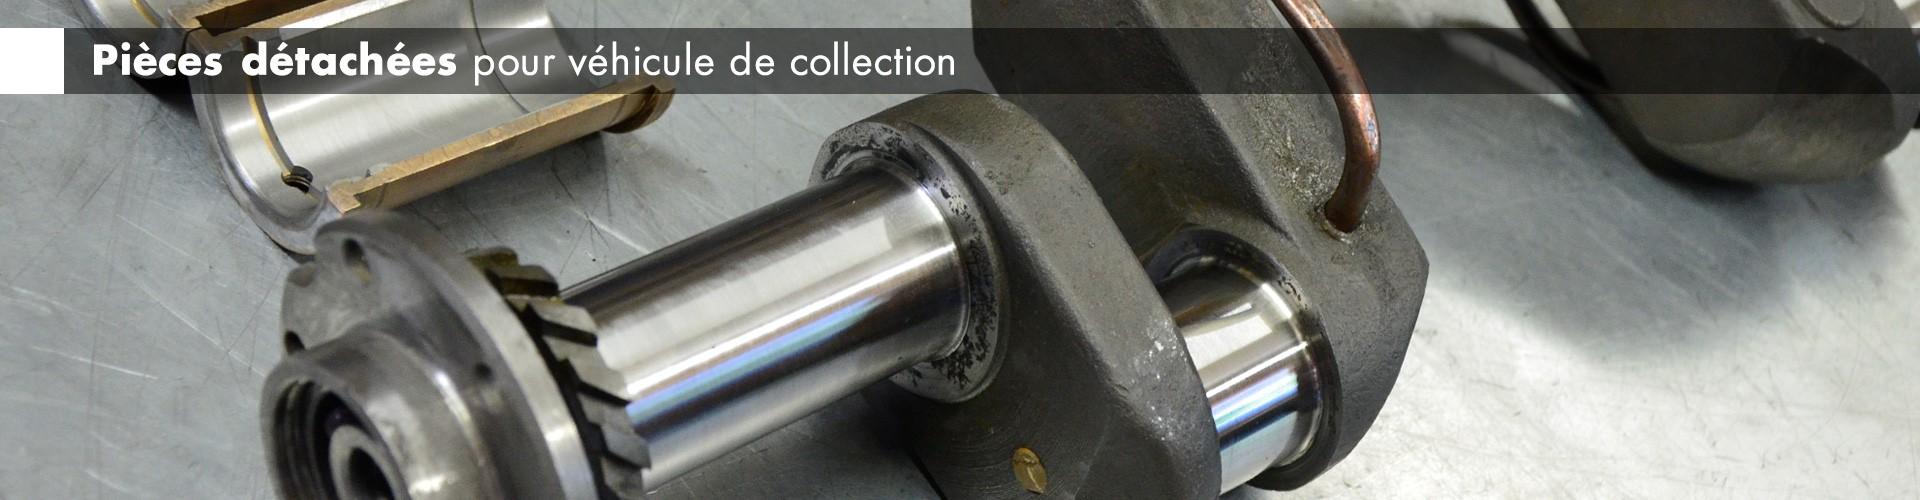 Spécialiste en pièces détachées pour véhicule de collection